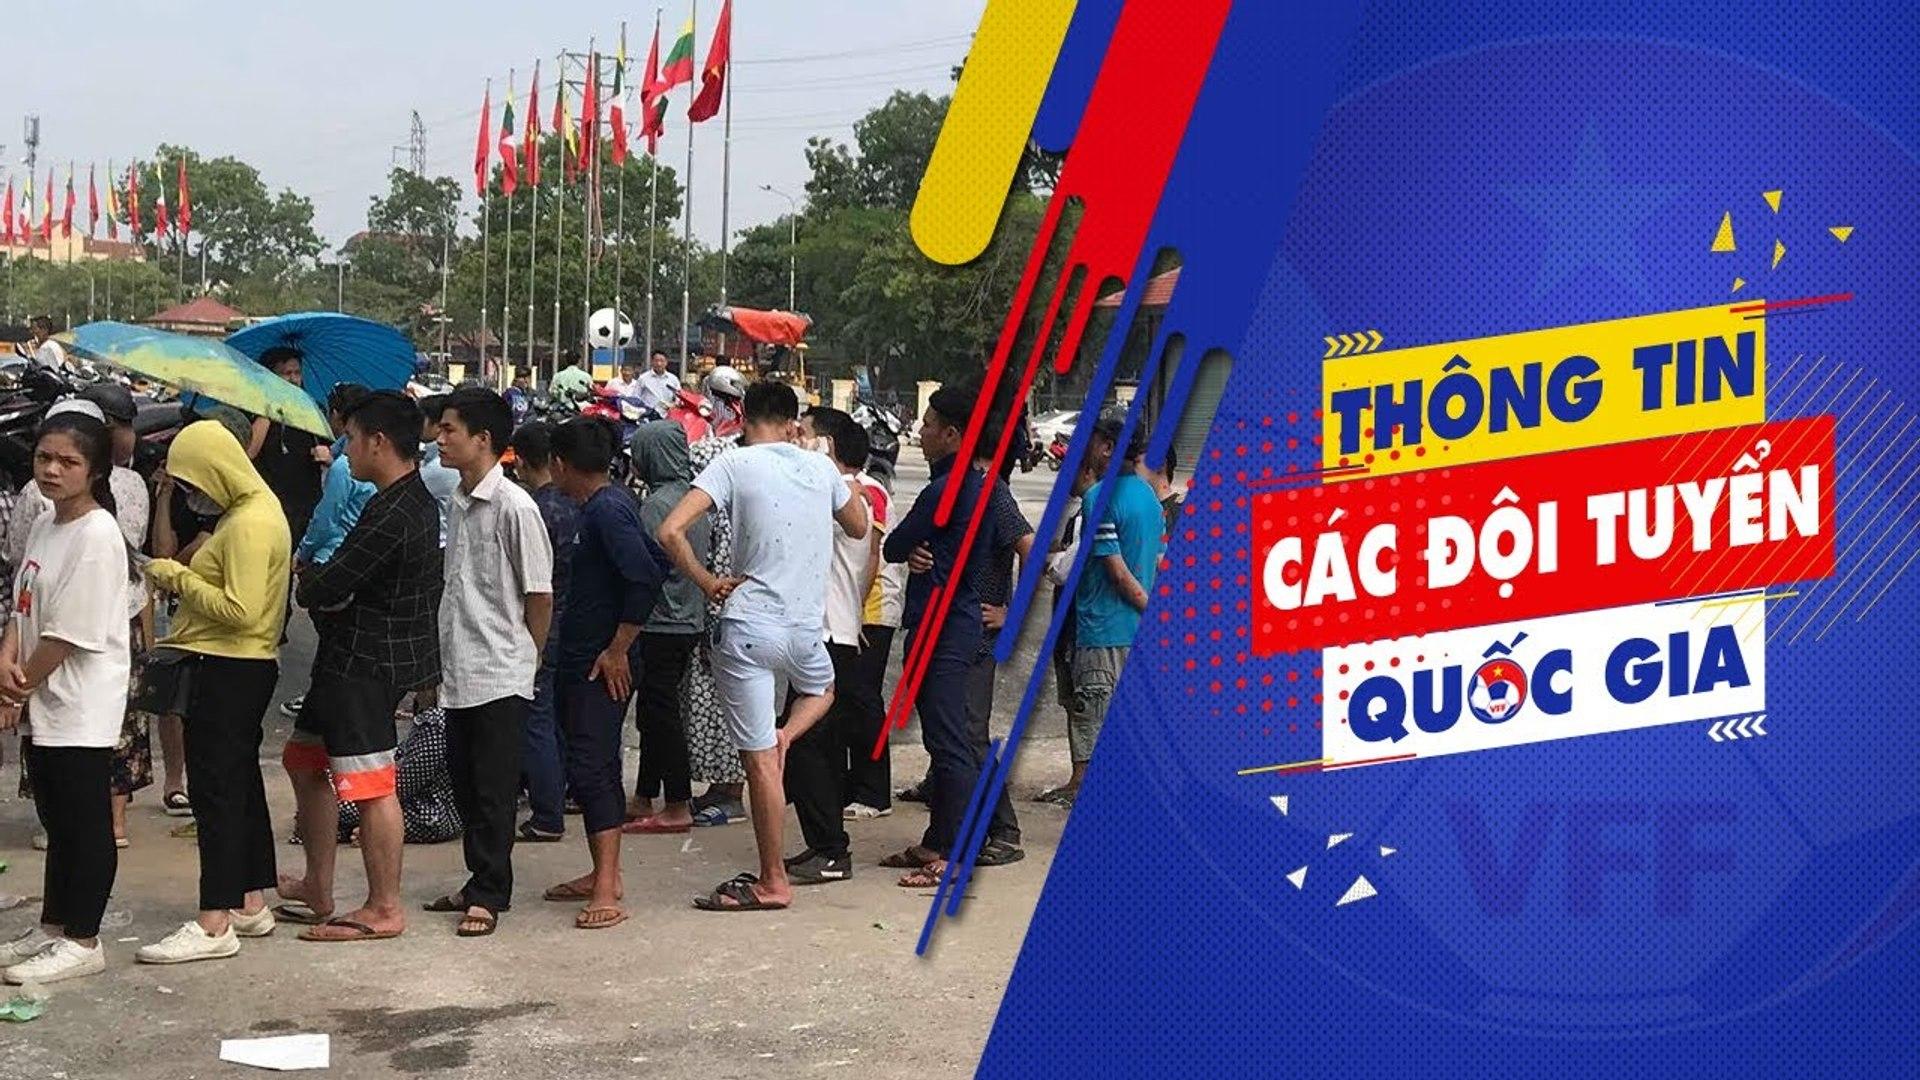 Người dân Phú Thọ đổ xếp hàng dài chờ mua vé theo dõi U23 Việt Nam thi đấu | VFF Channel